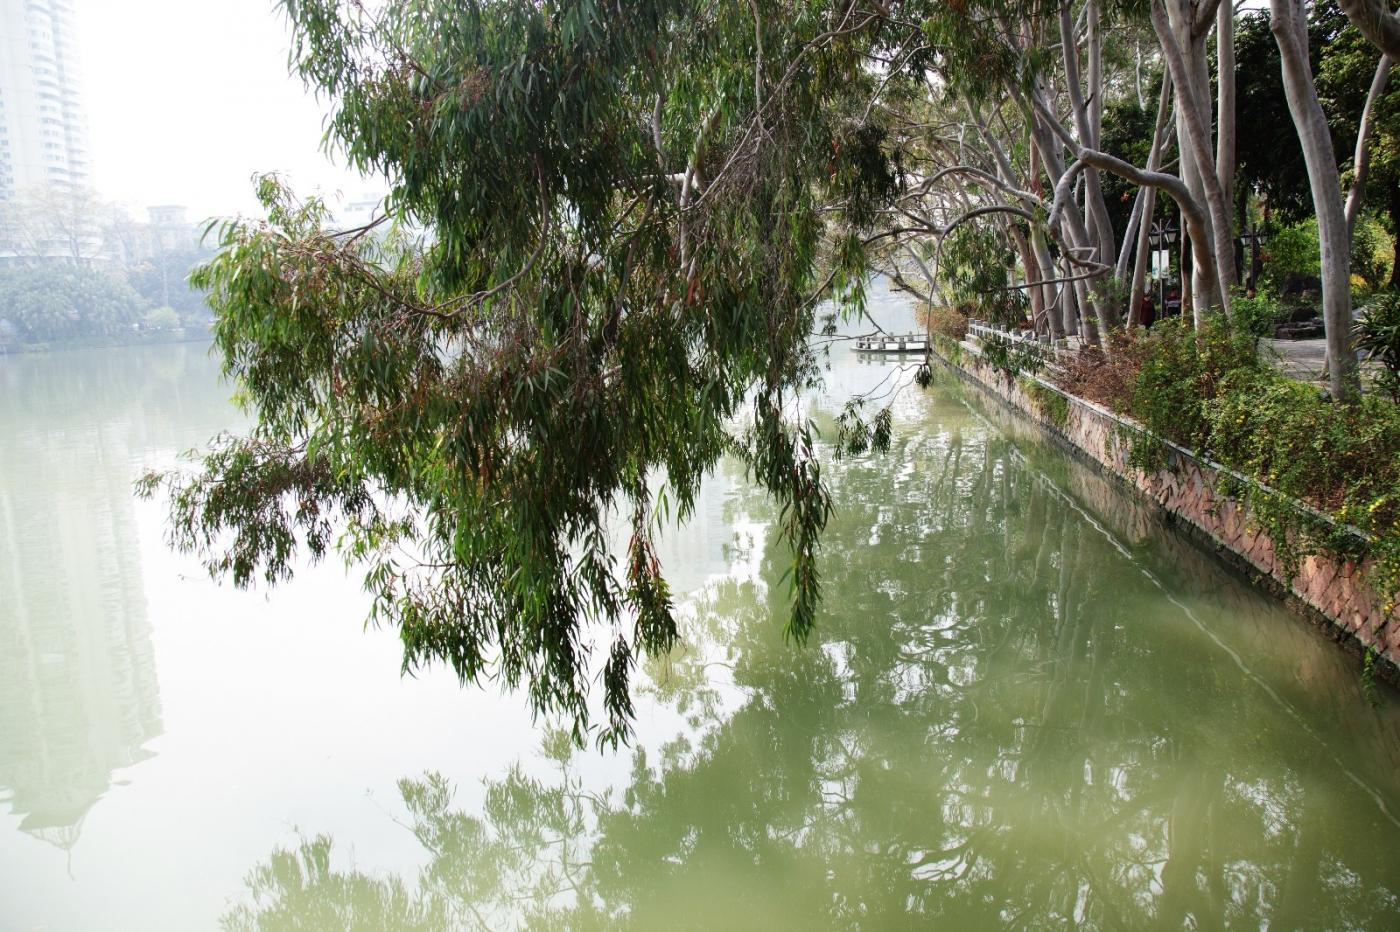 福州西湖公园,美景如画,赏心悦目,流连忘返_图1-24